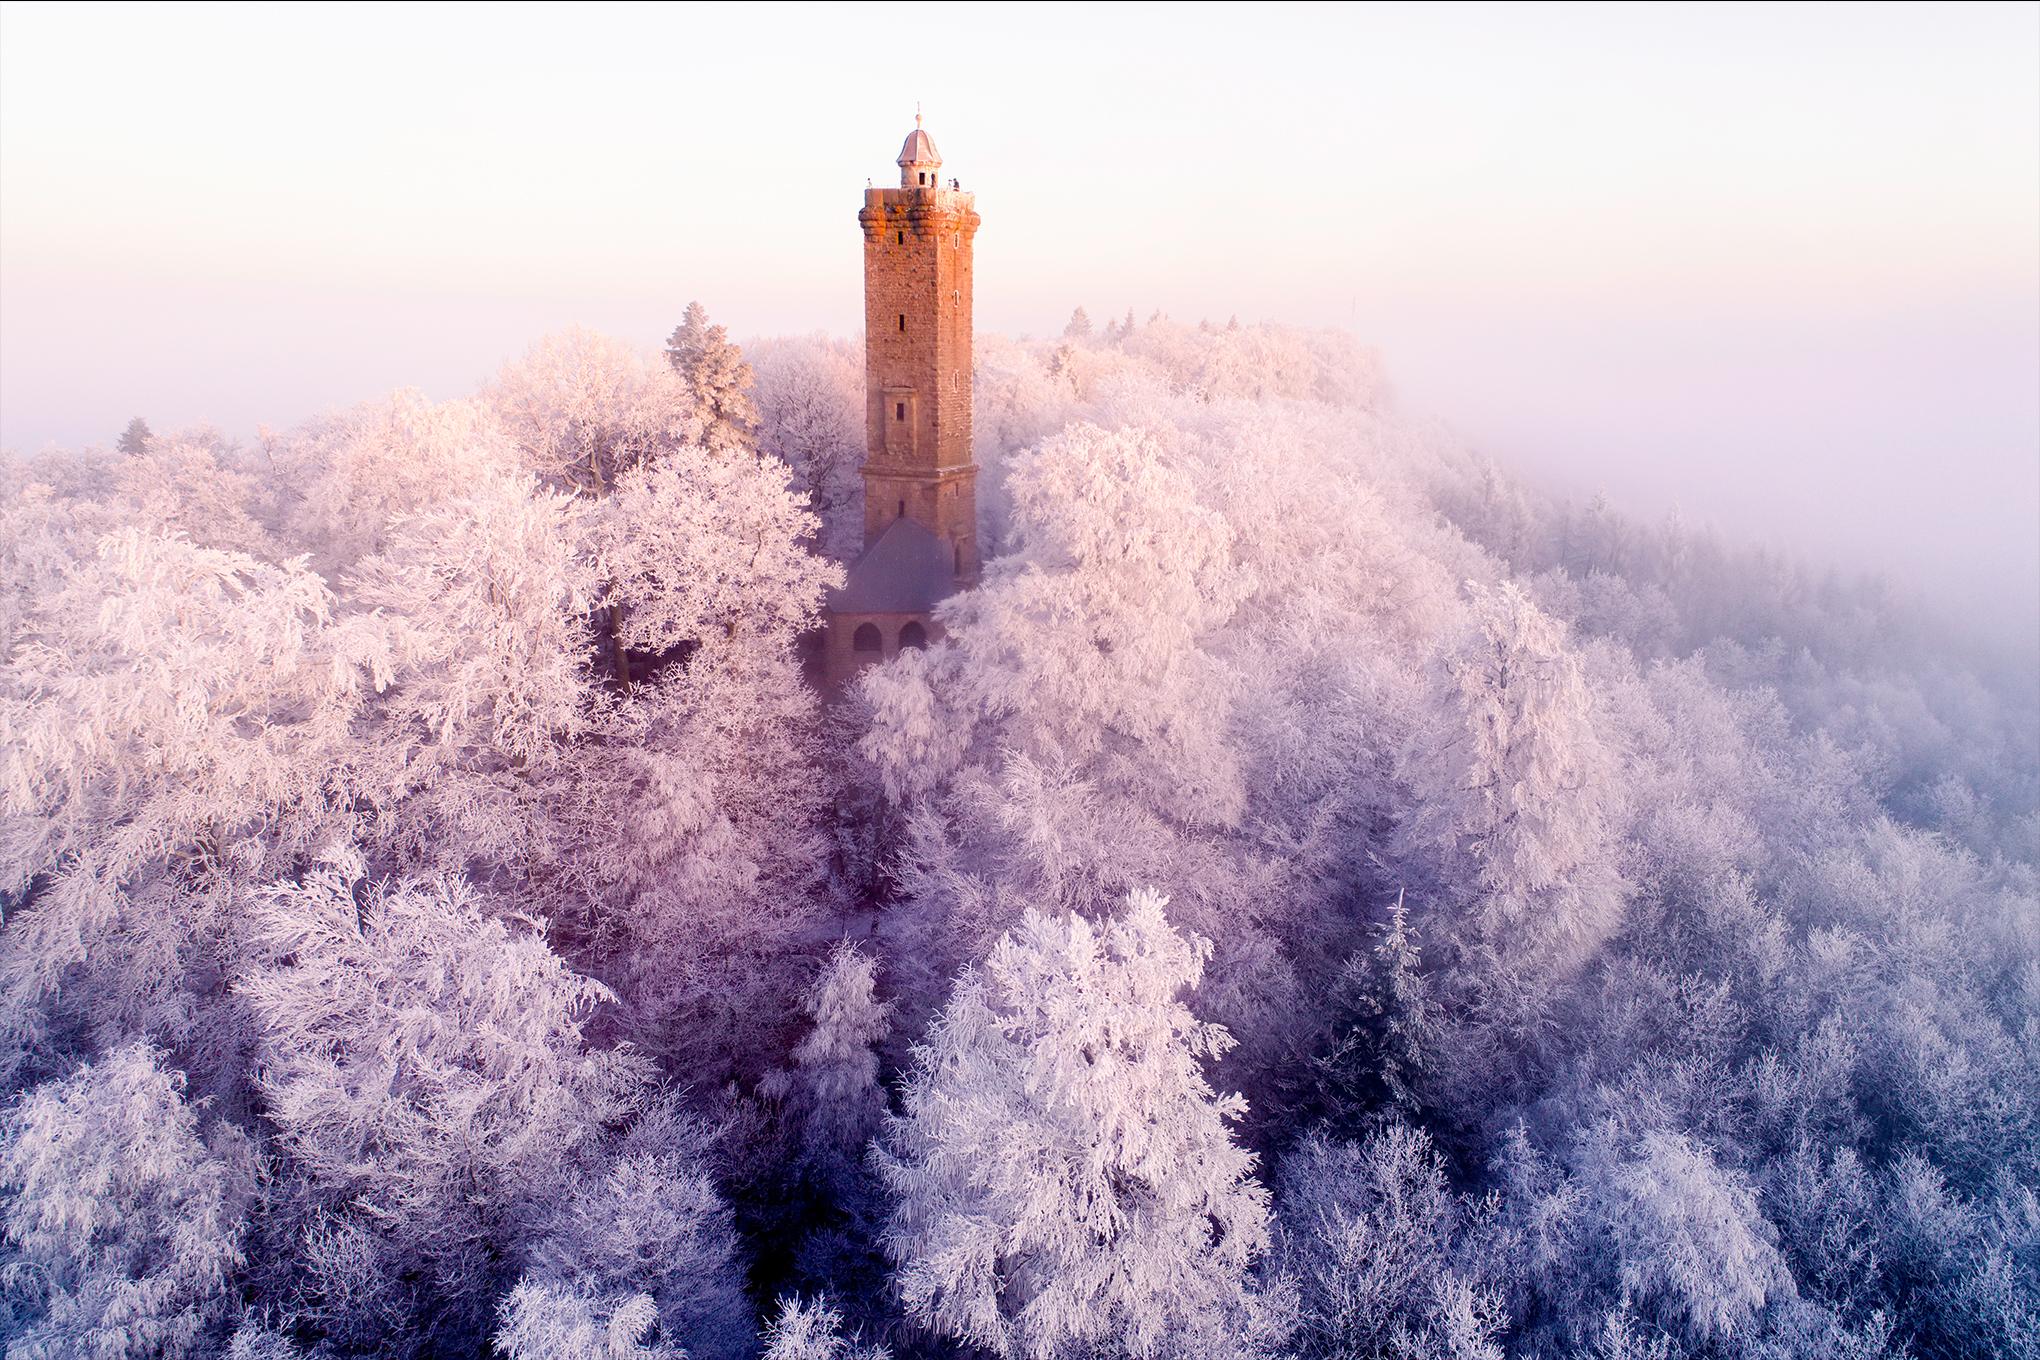 Der mit Raureif besetzte Turm im Pfälzerwald.